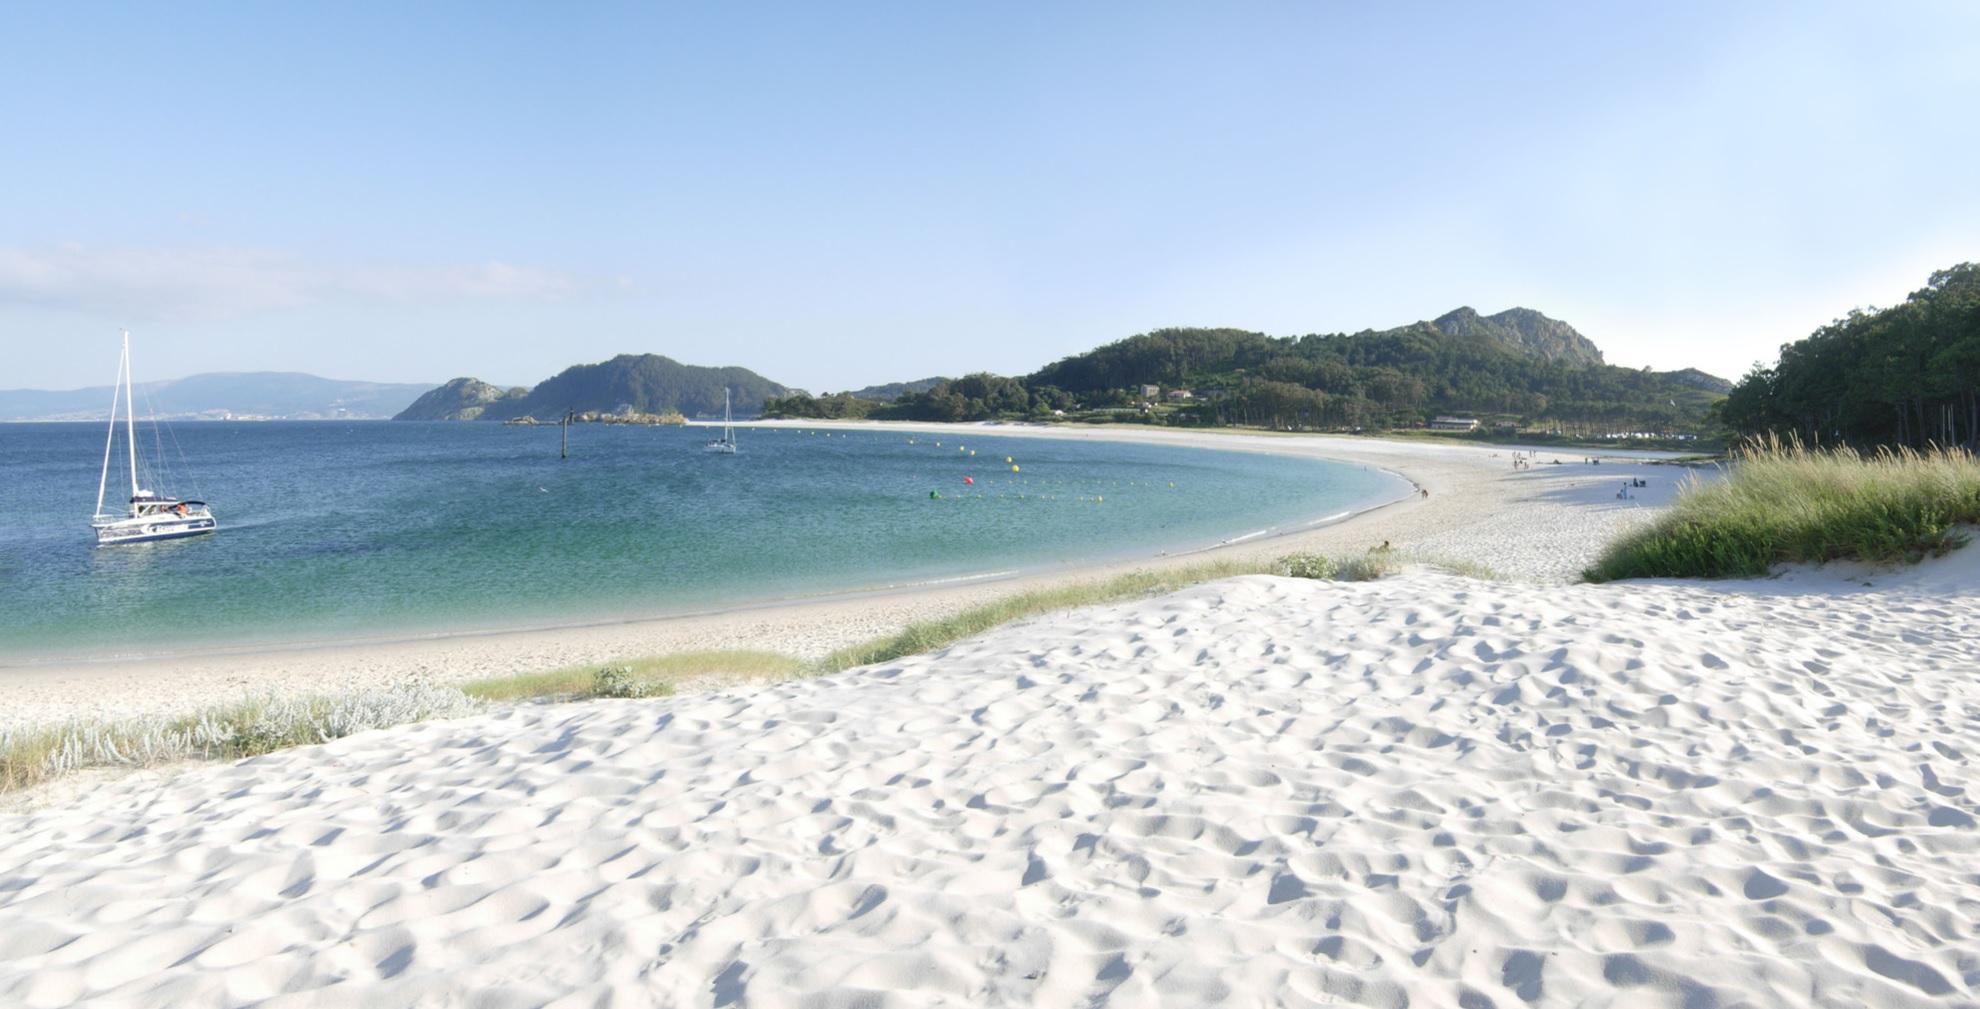 Excursiones en velero a las Islas Cíes. Conoce la mejor playa del mundo, la Playa de Rodas